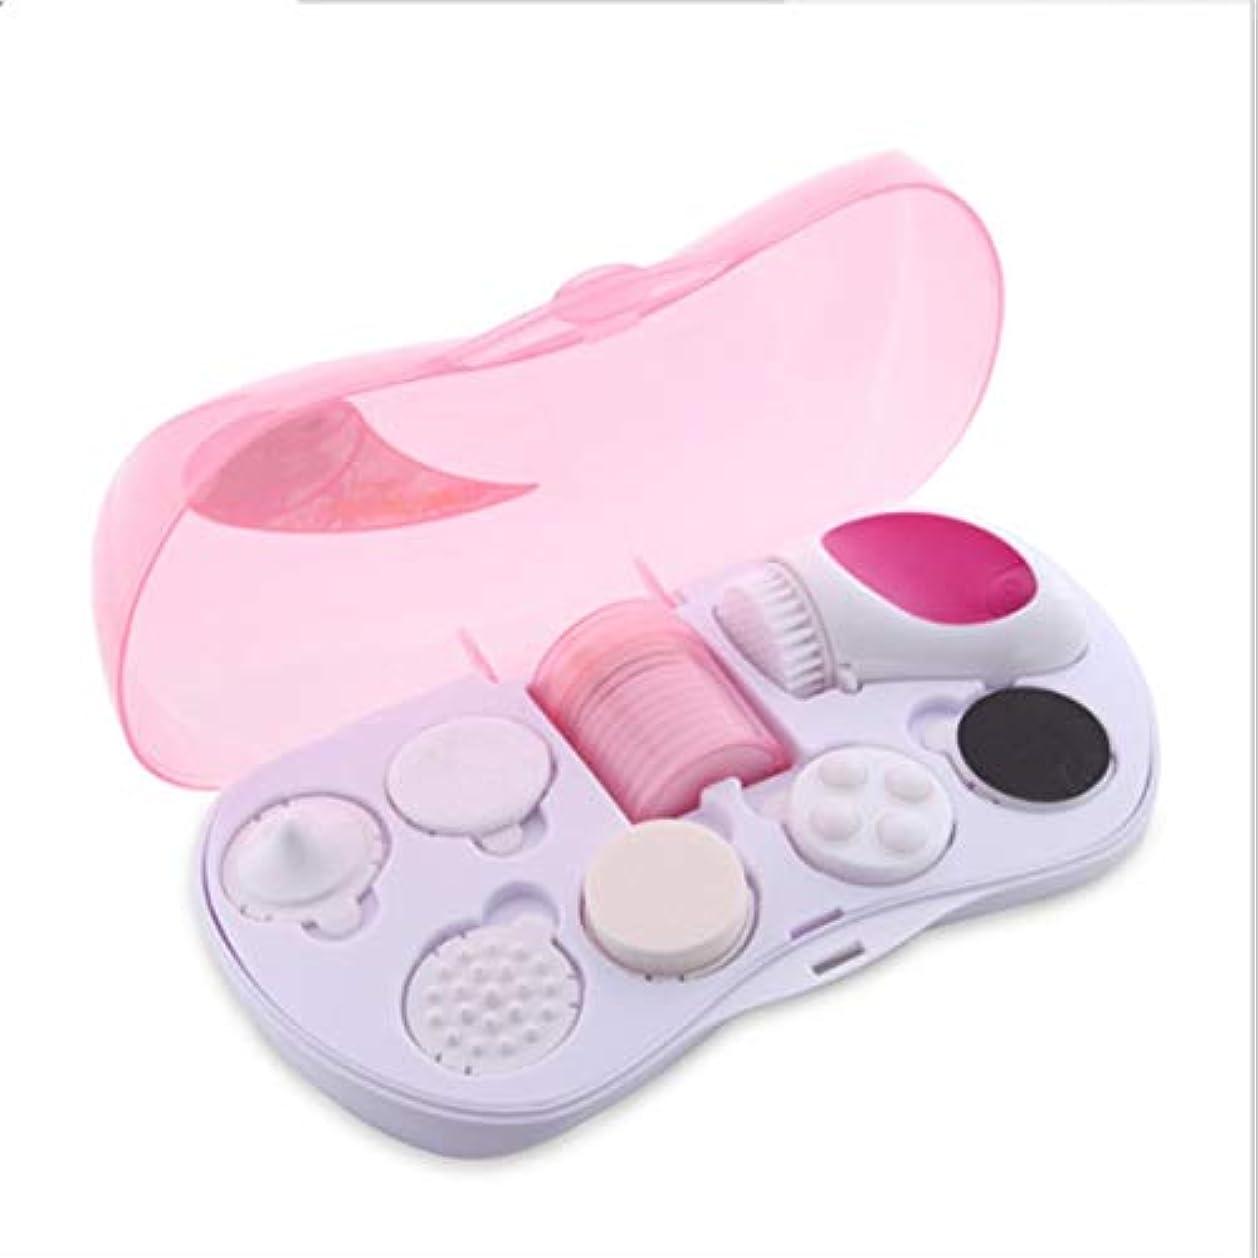 しかしマーキーアレイ電気クレンジングブラシクレンジング楽器美容機器毛穴クリーナー洗顔顔の美容機器